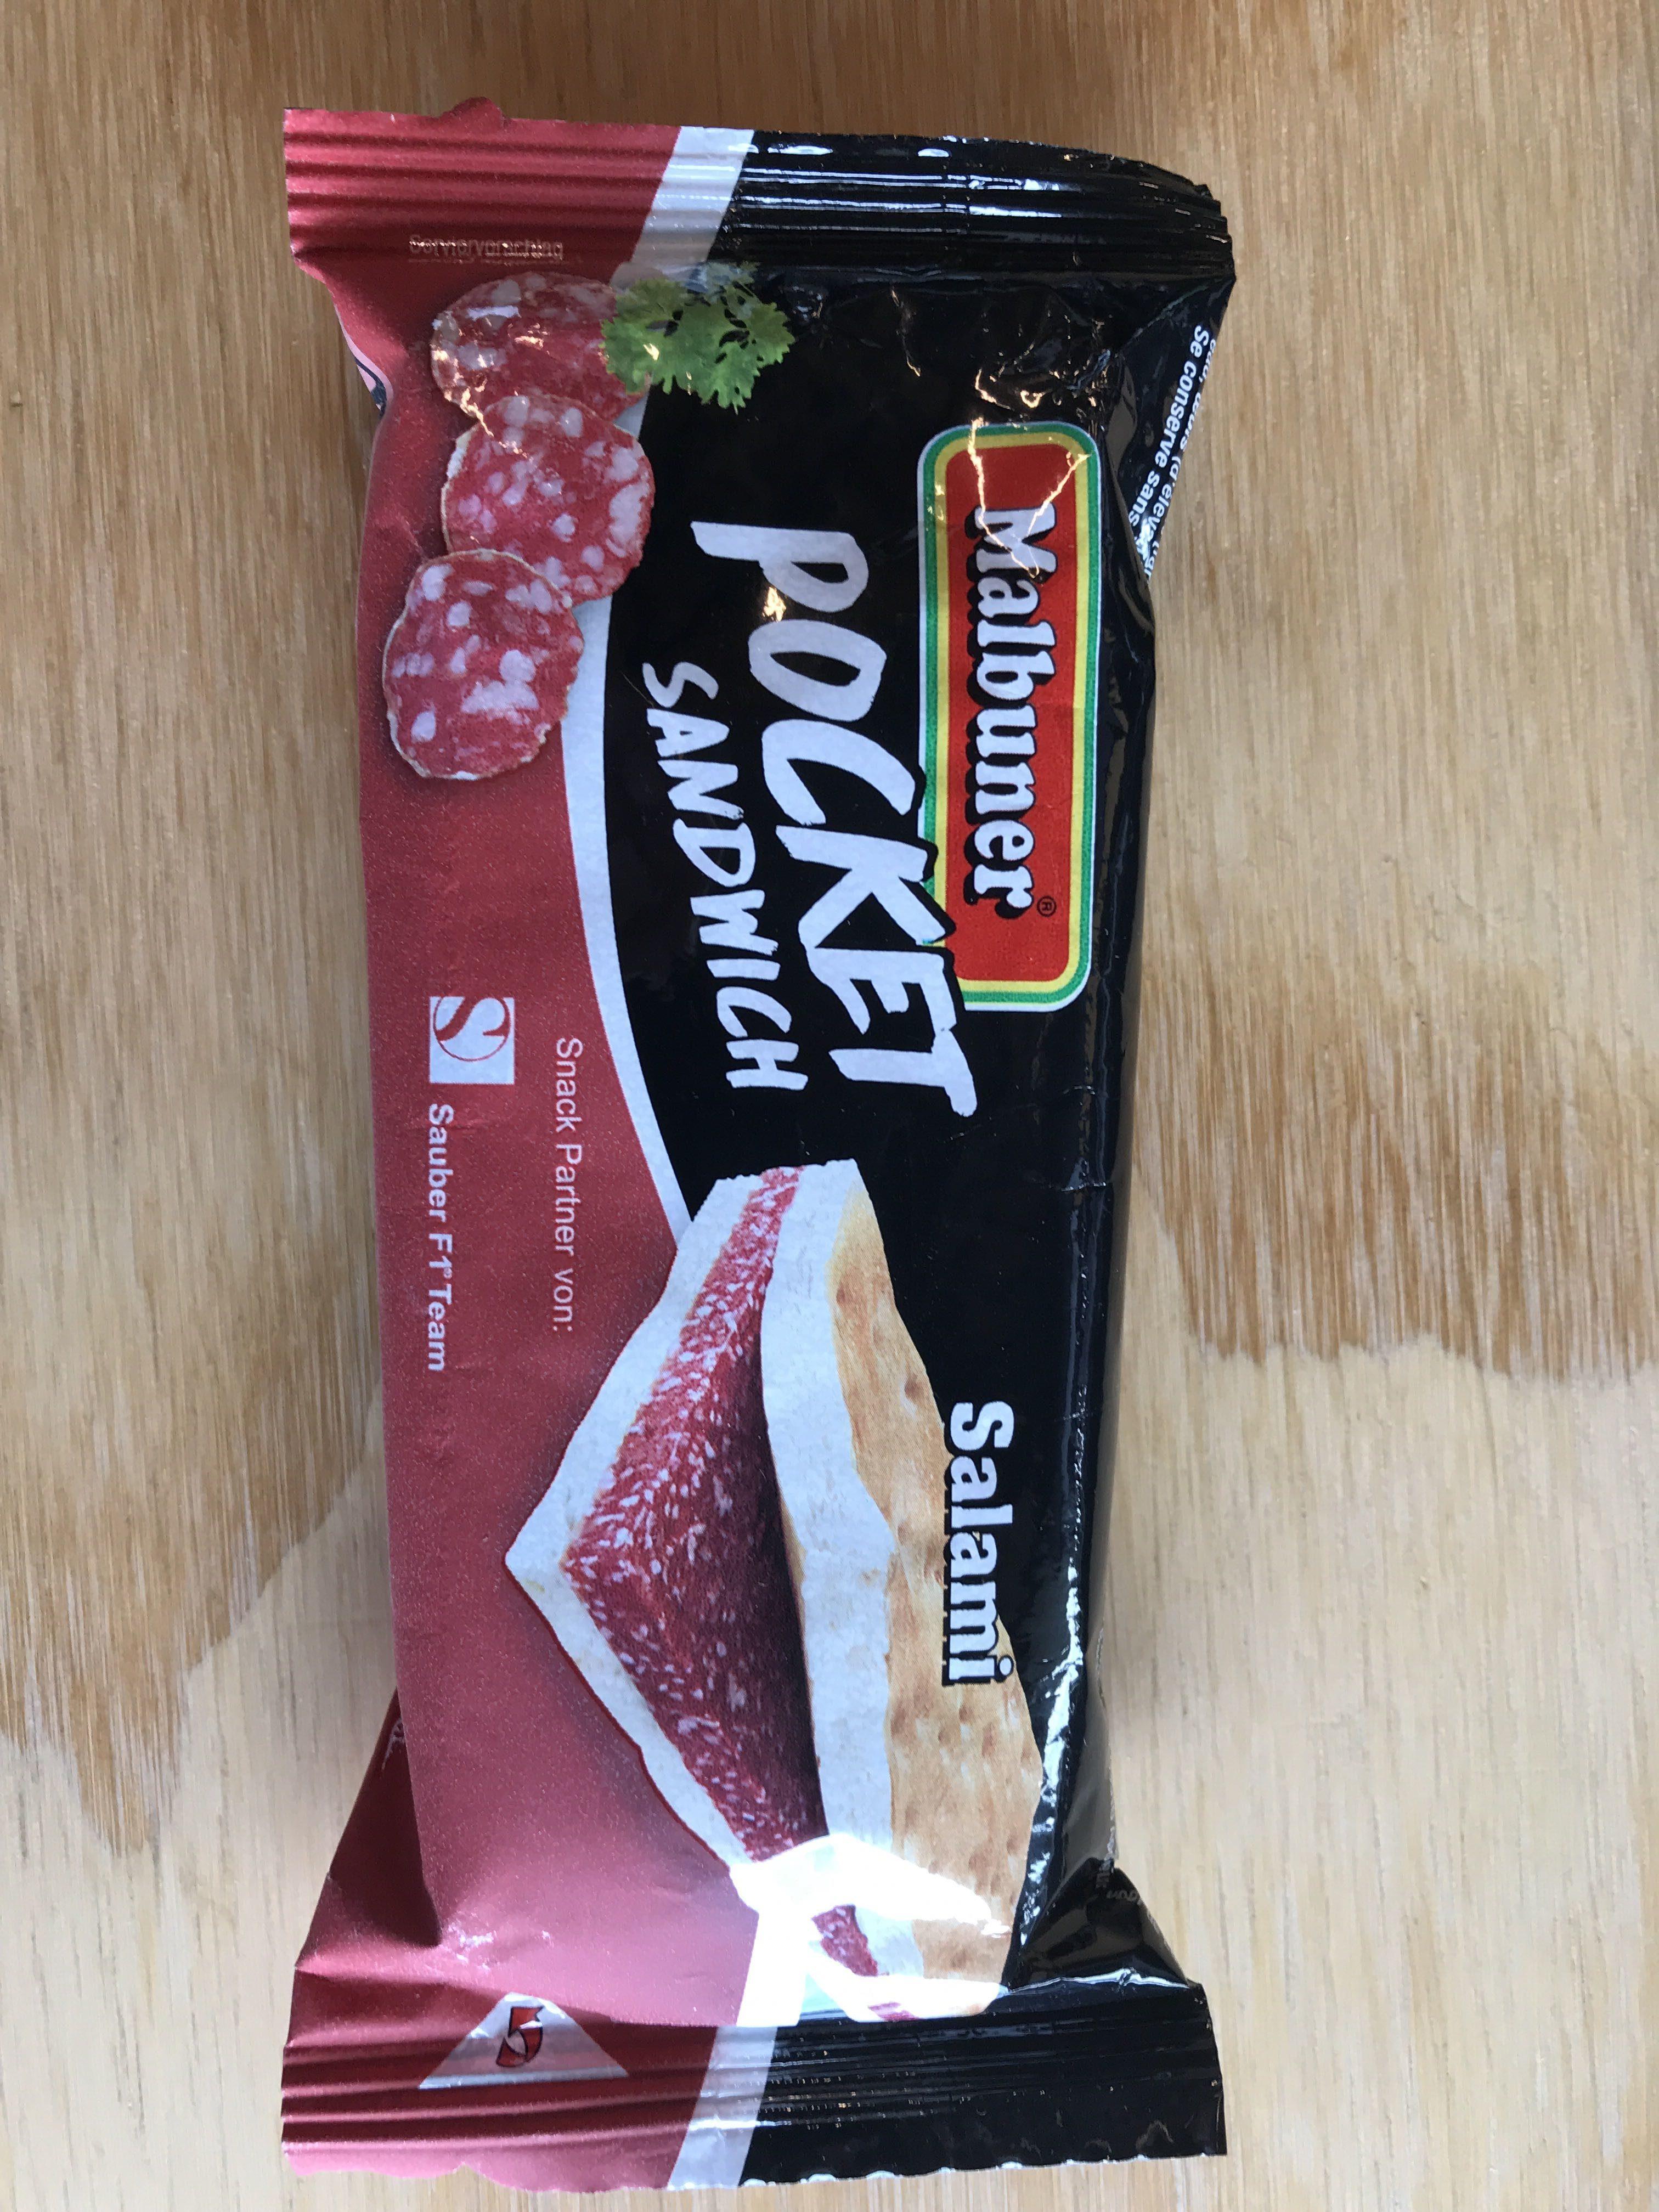 Pocket sandwich - Product - en